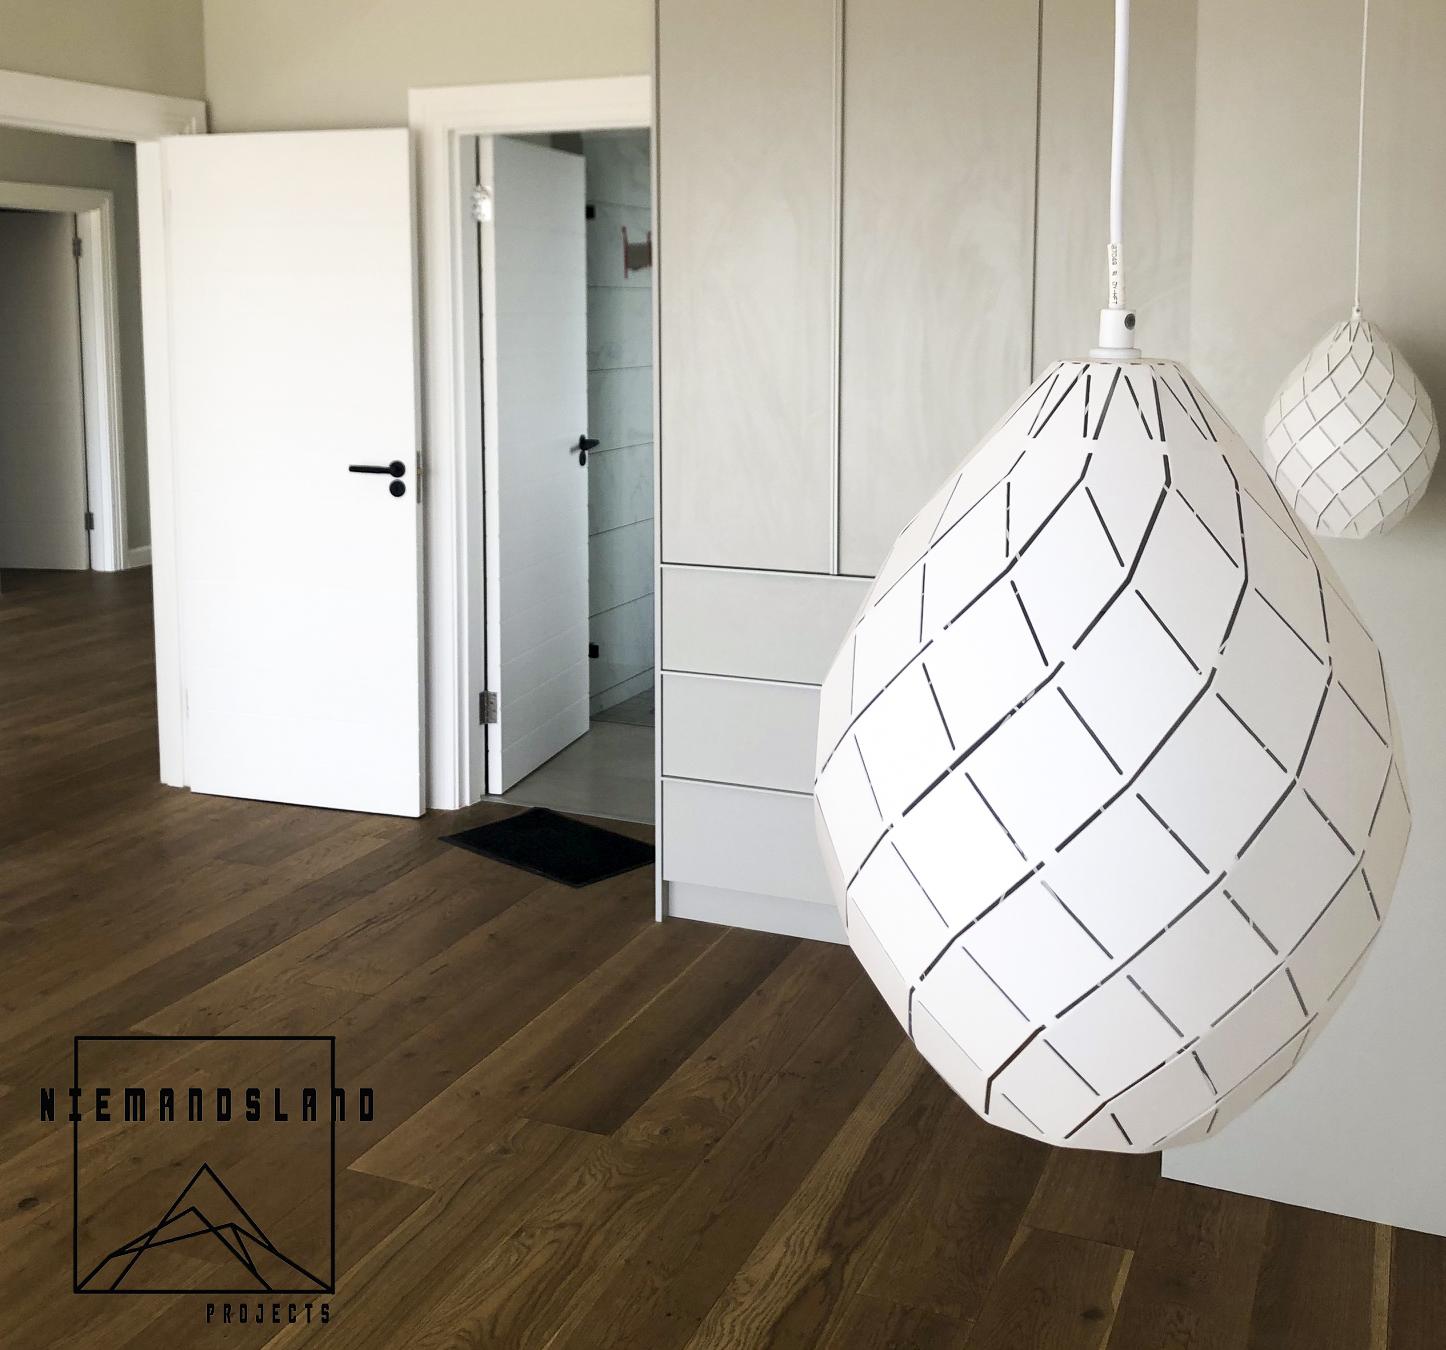 Niemandsland - Cadan cupboards - Interior